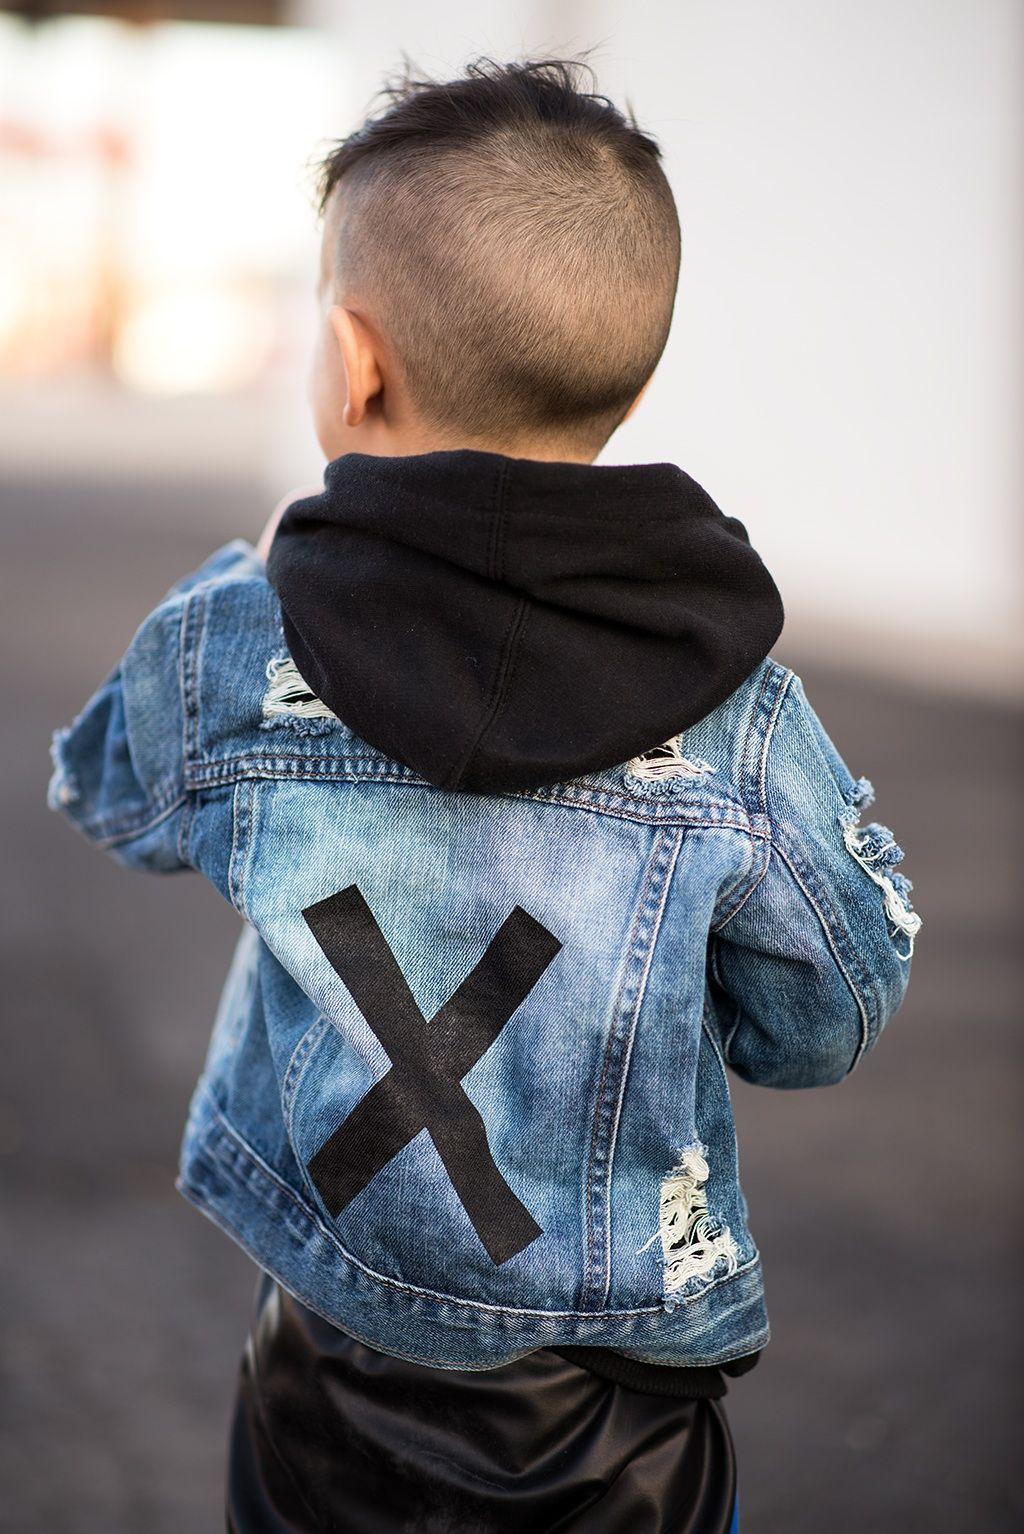 f344565ac669 Lovesickthreads Jean denim jacket toddler boy fashion | Liam ...baby ...